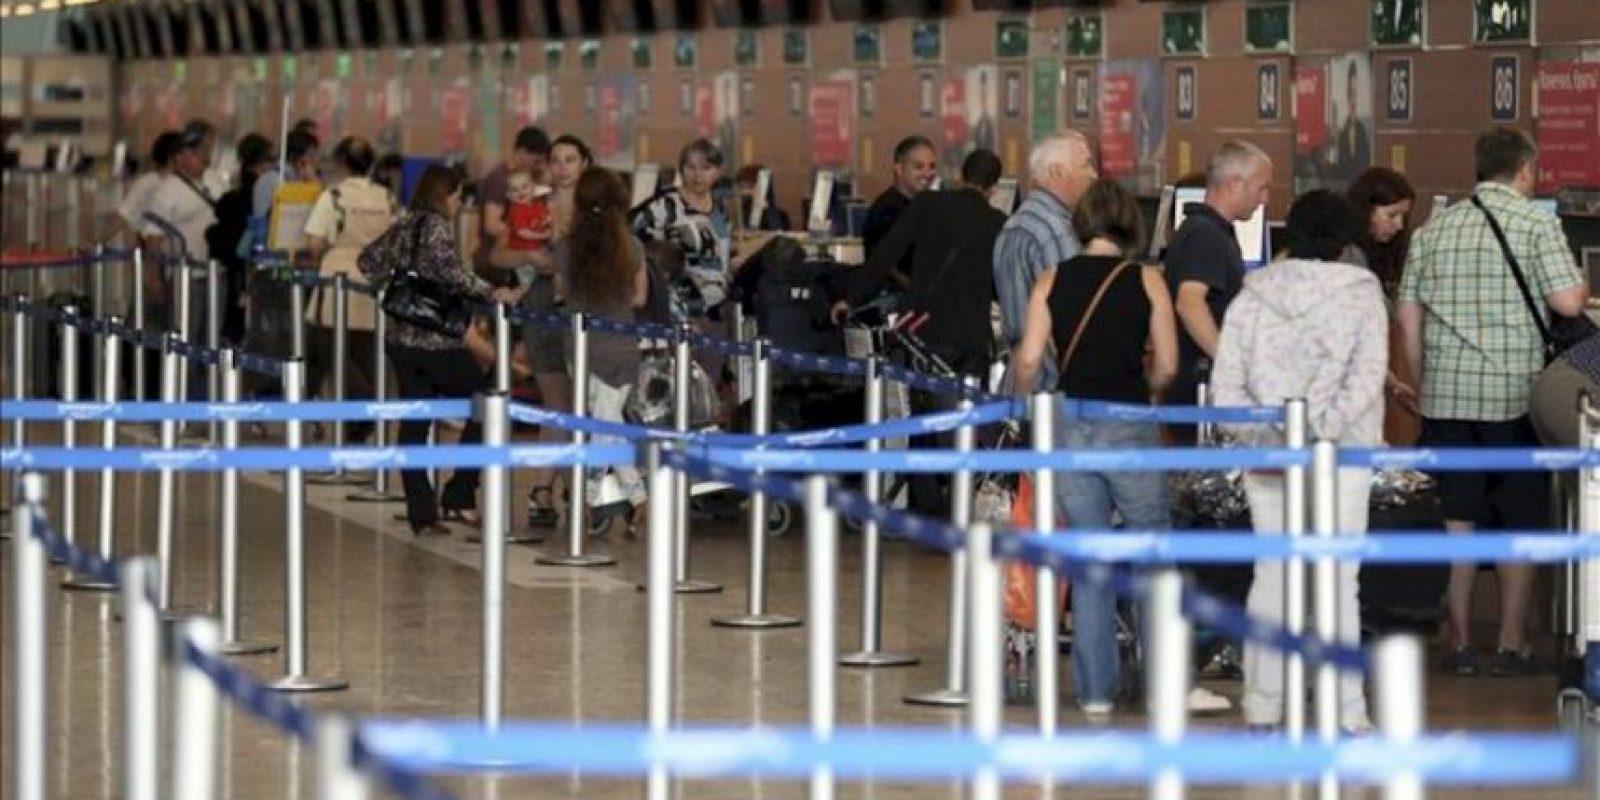 Pasajeros facturan sus maletas en el aeropuerto de Sheremetyevo en Moscú (Rusia). EFE